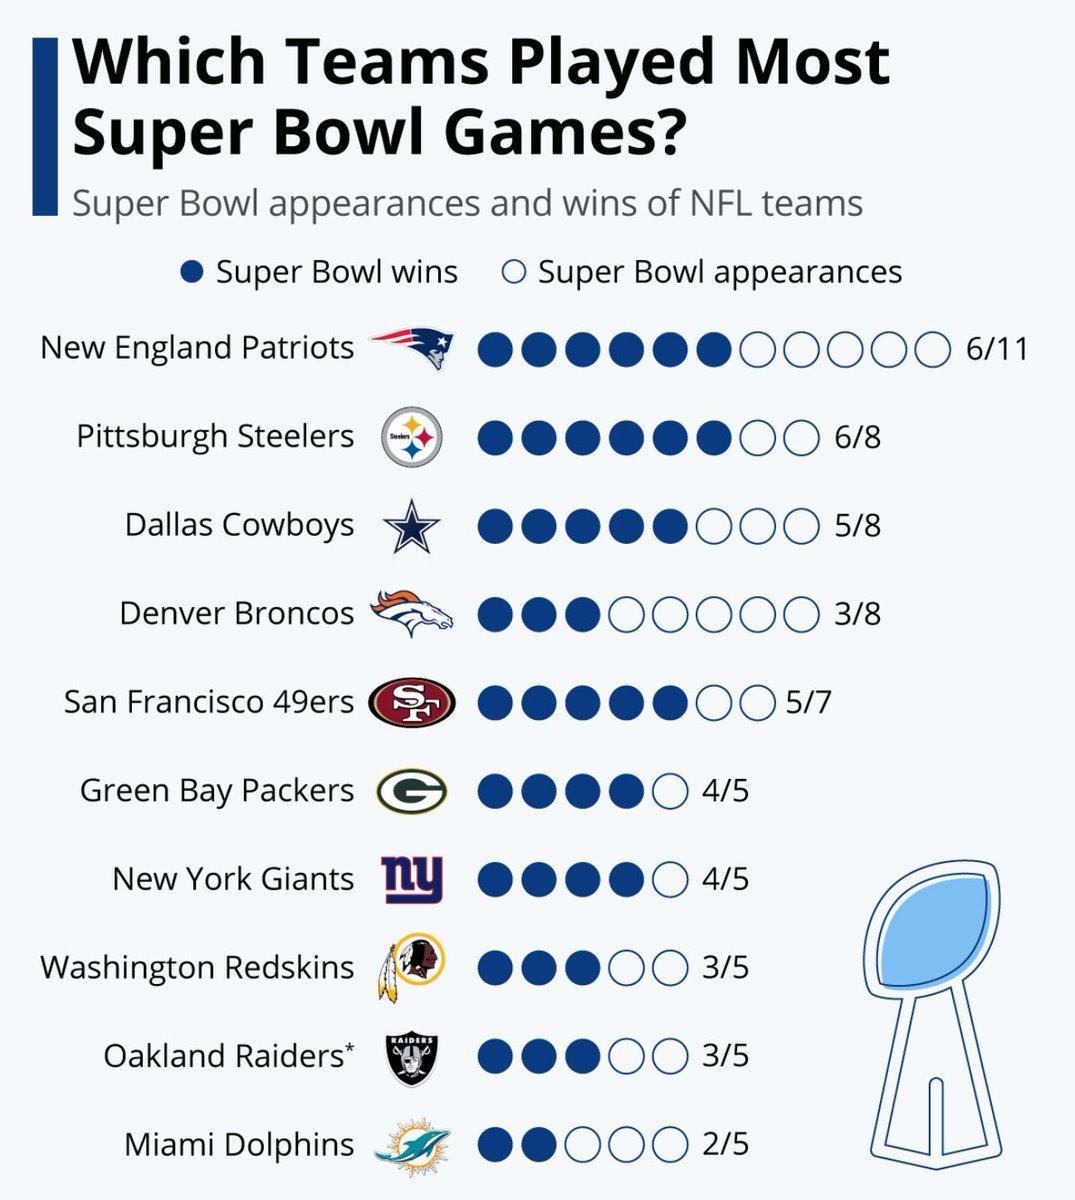 🏈🇺🇸 Finales de conférence #NFL ce dimanche et lundi sur @lachainelequipe   #Packers vs #Buccaneers #Chiefs vs #Bills  2020, c'est l'année du contrat de #Mahomes de 450 M$ / 10 ans #KansasCity C'est aussi le changement de nom pour #Redskins